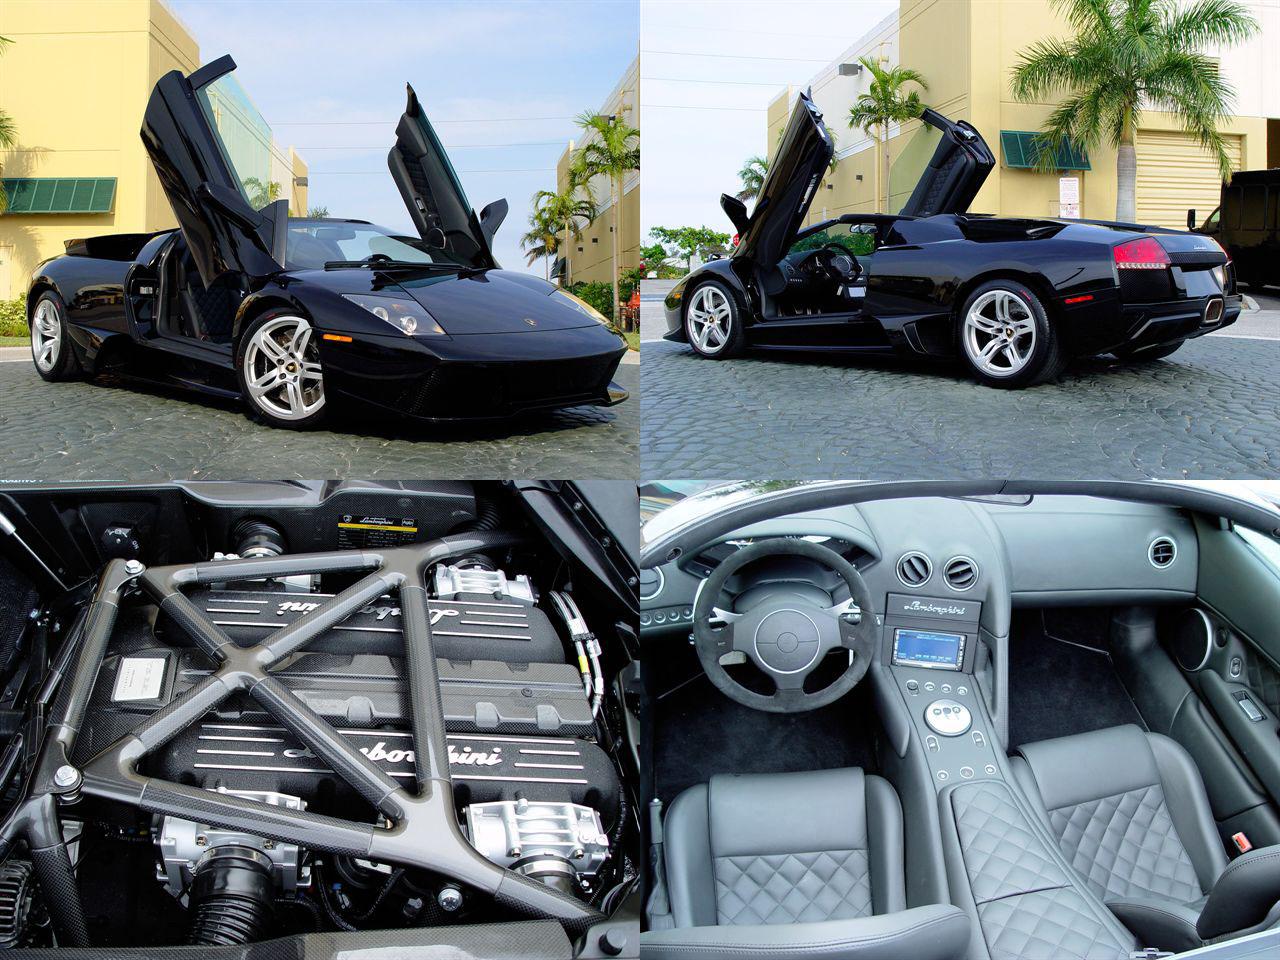 Lamborghini Murcielago LP640 Tuning Pictures